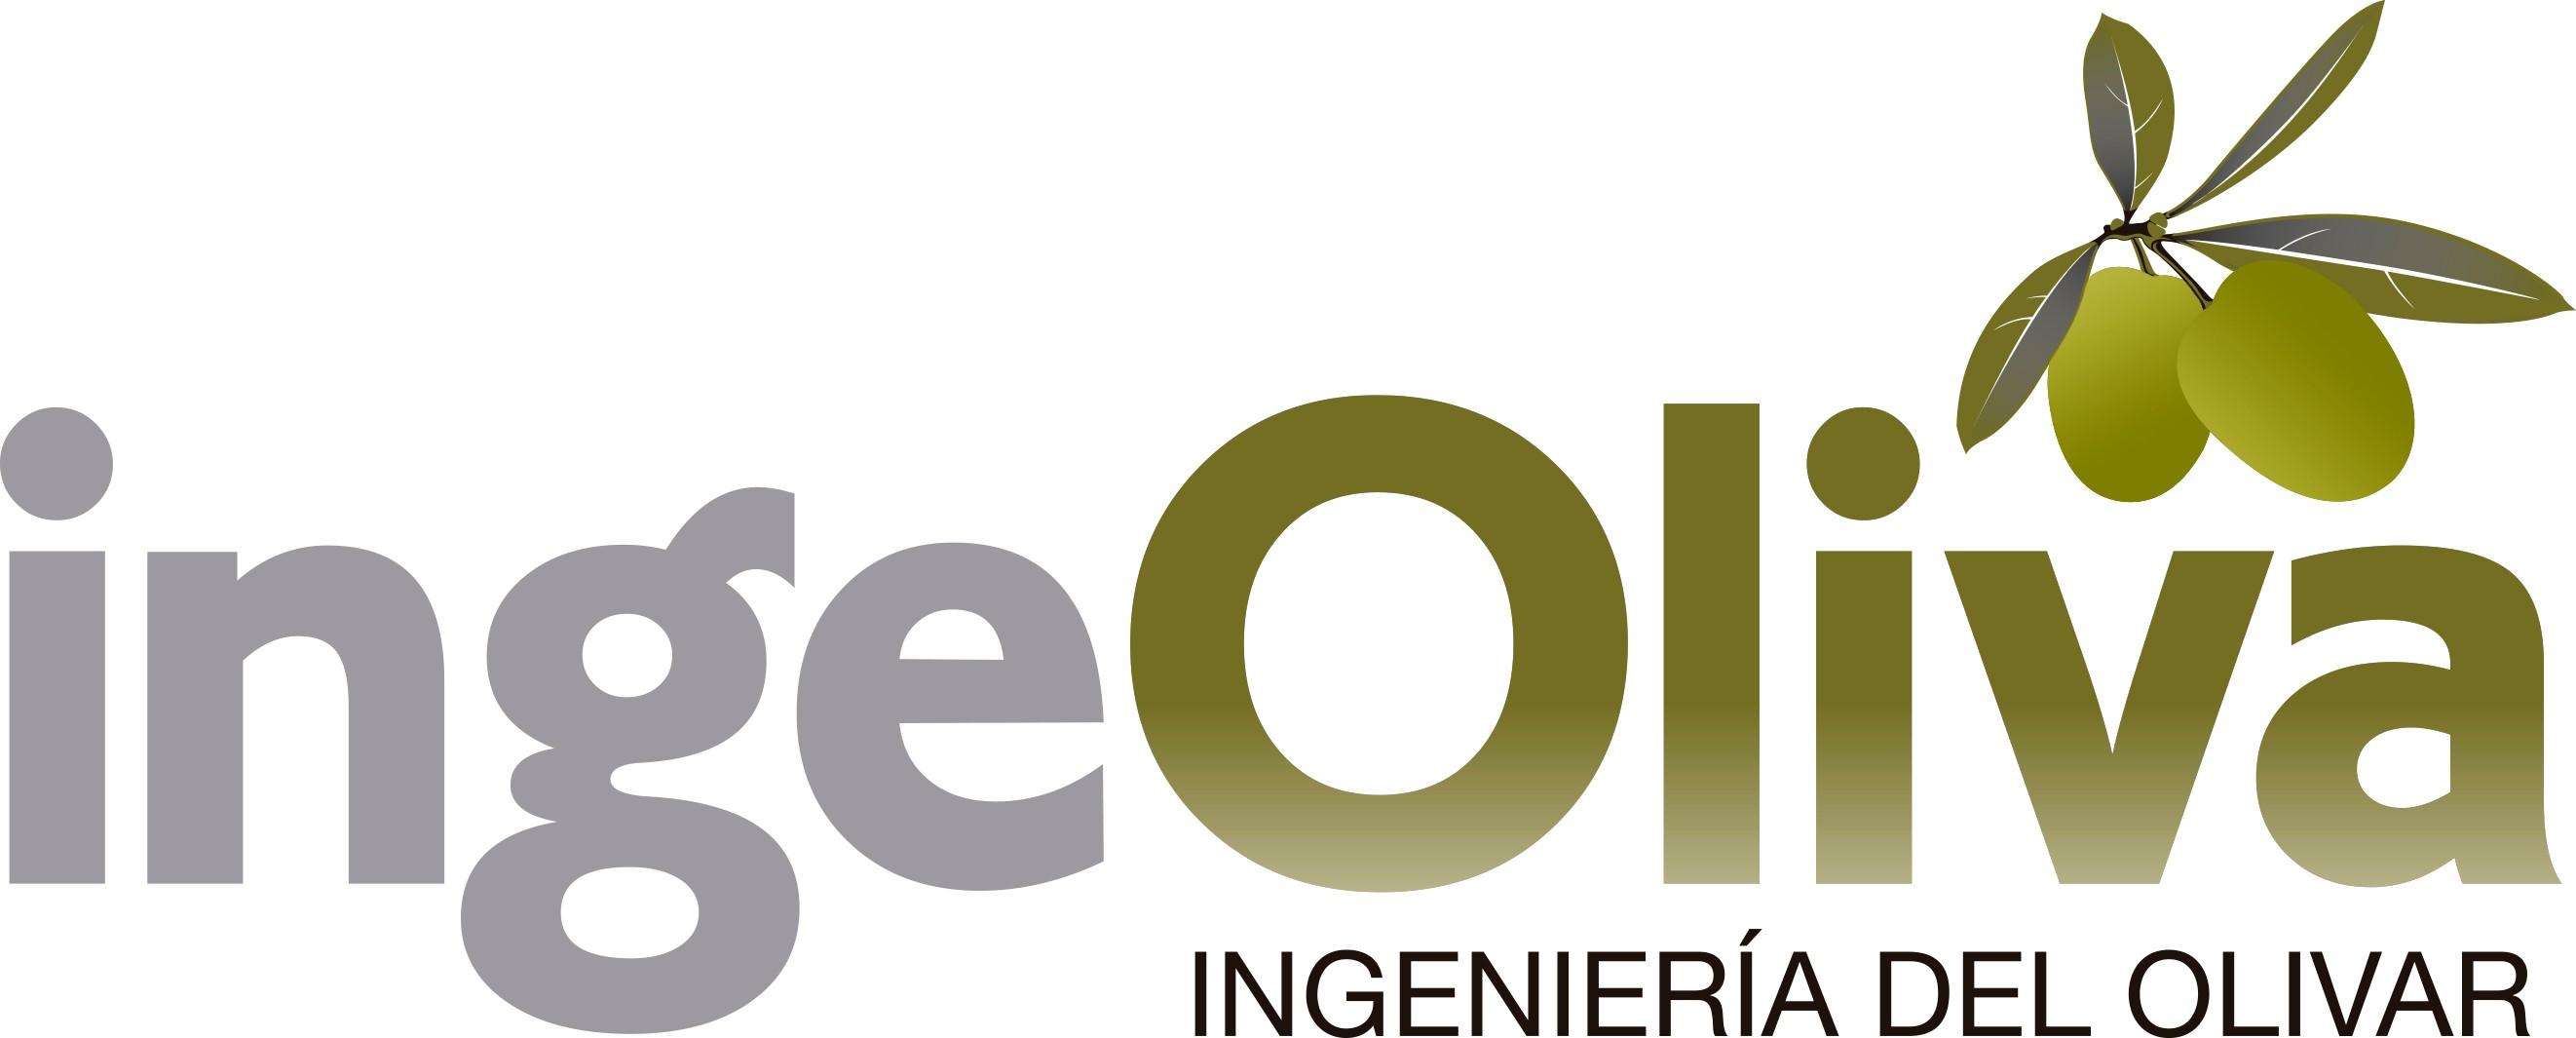 Ingeoliva logo